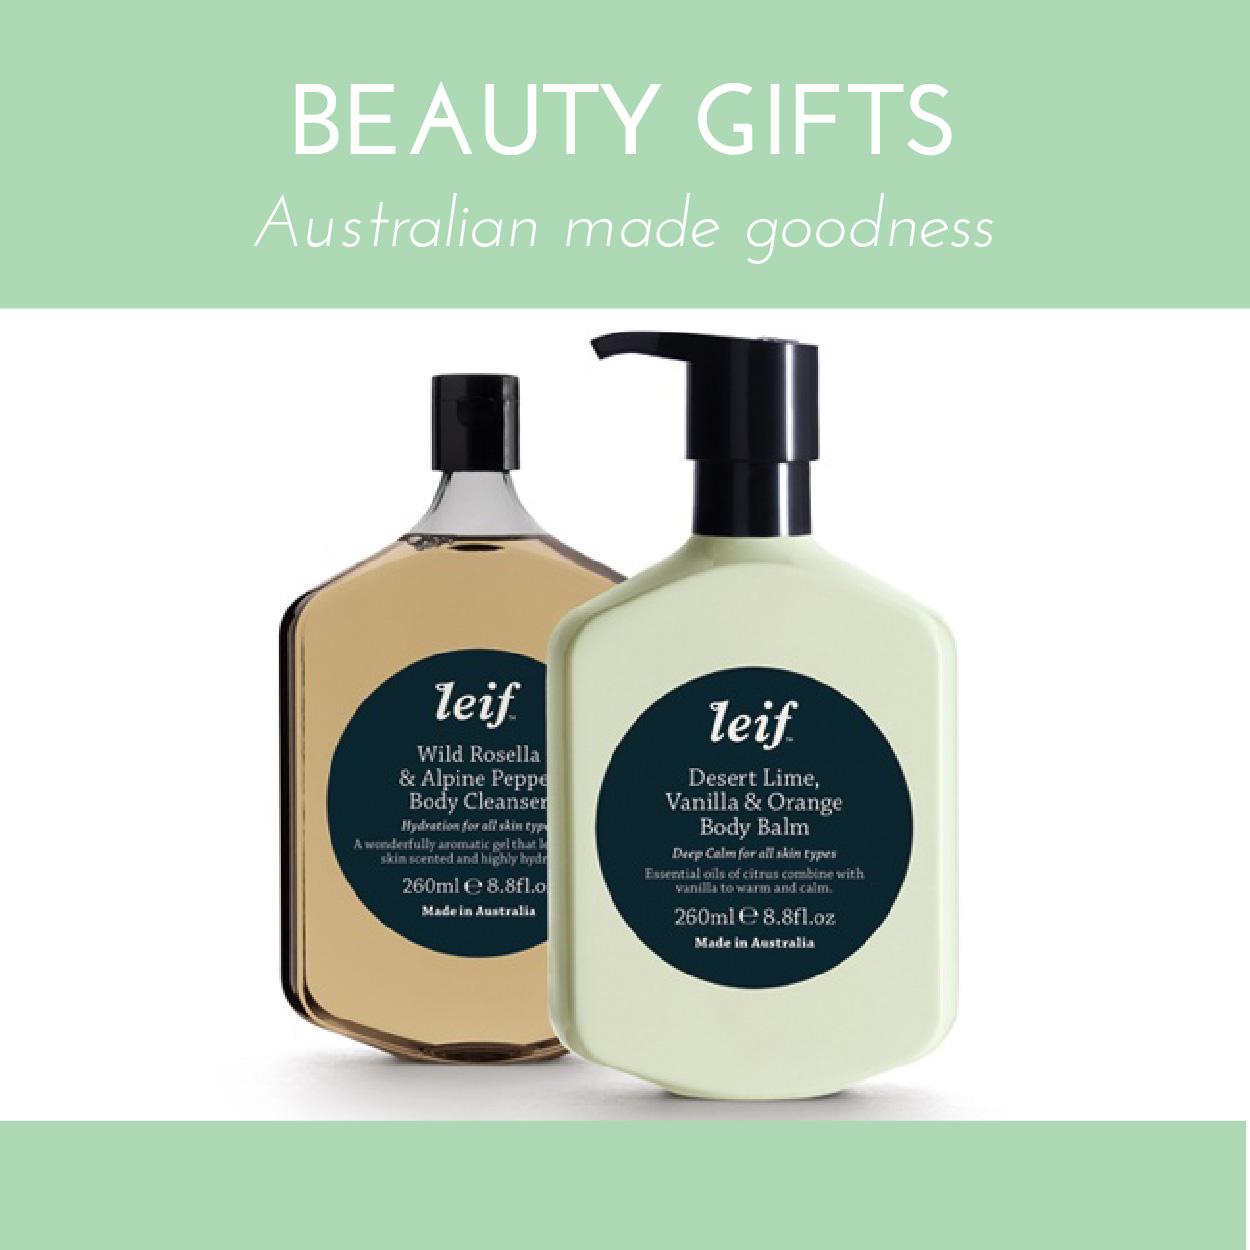 beauty-gifts-01.jpg